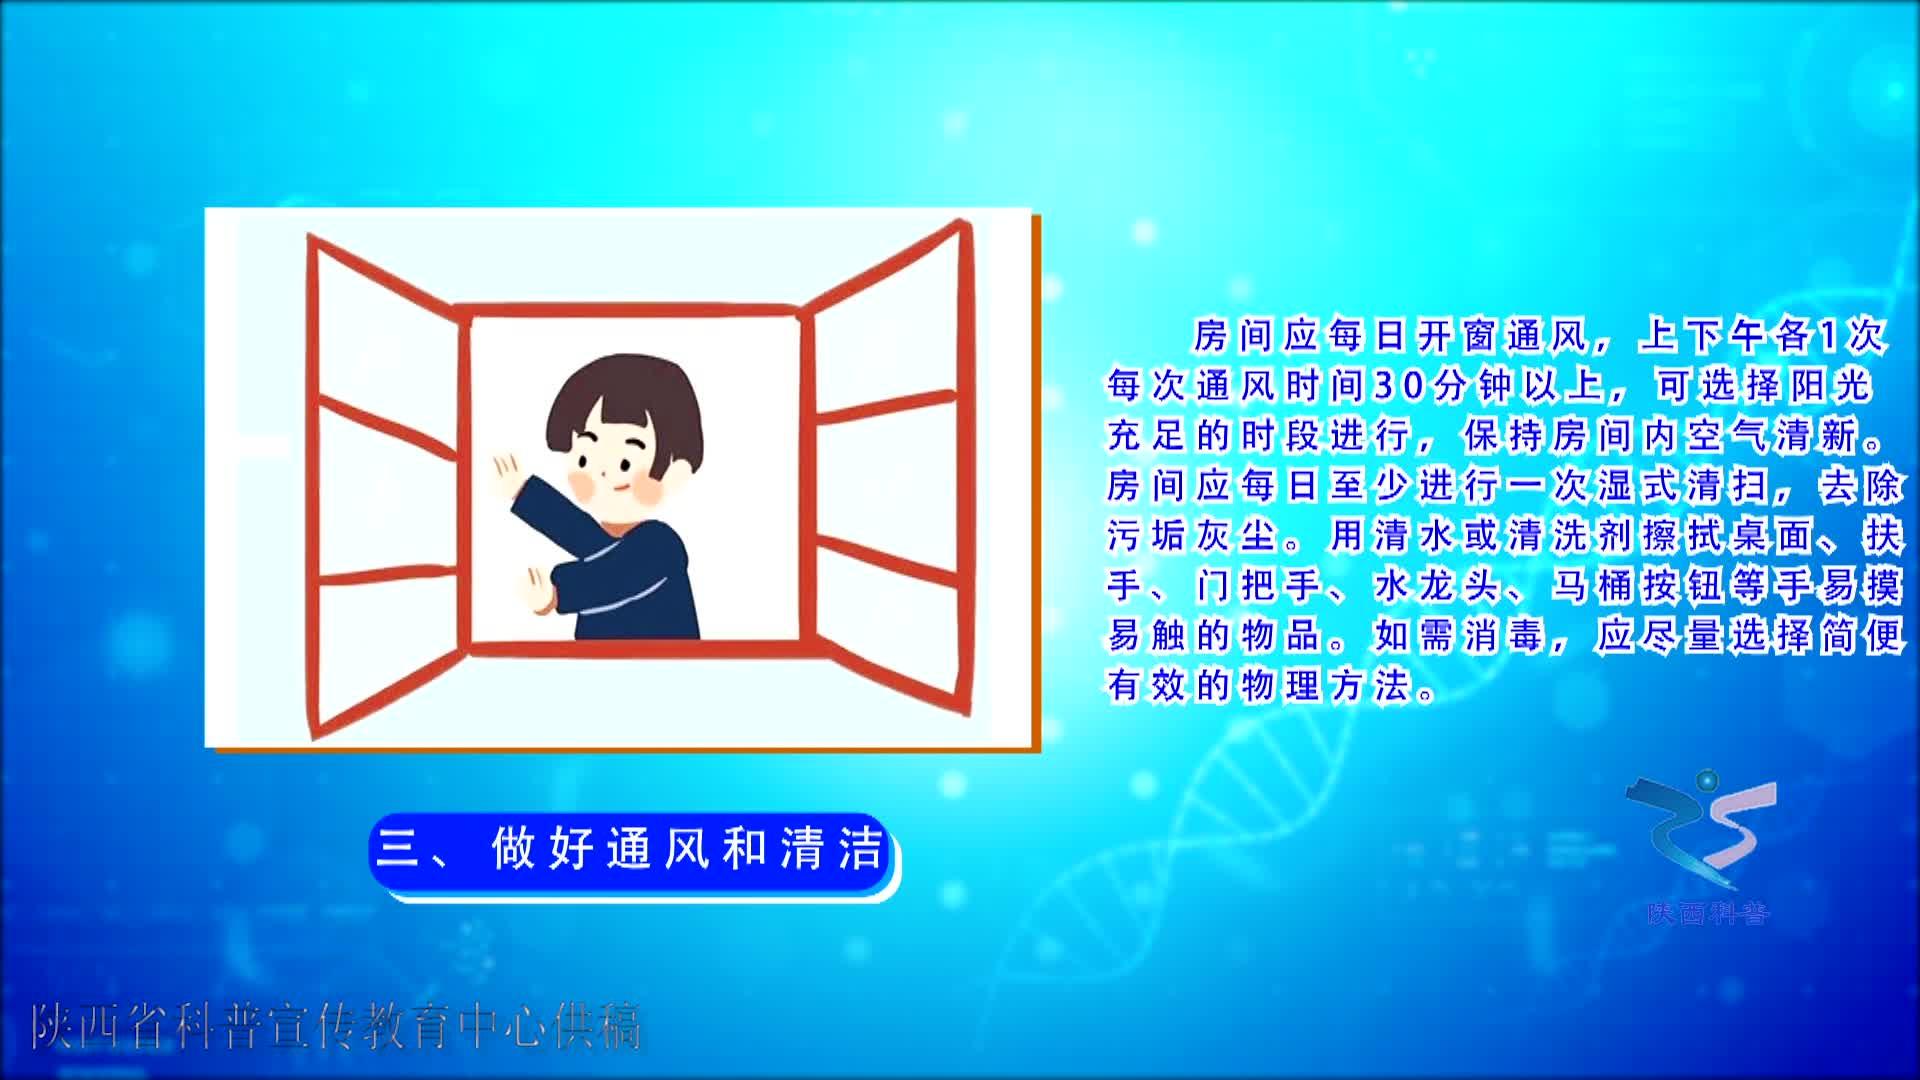 【陕西省科普宣传教育中心】新冠病毒预防知识六条